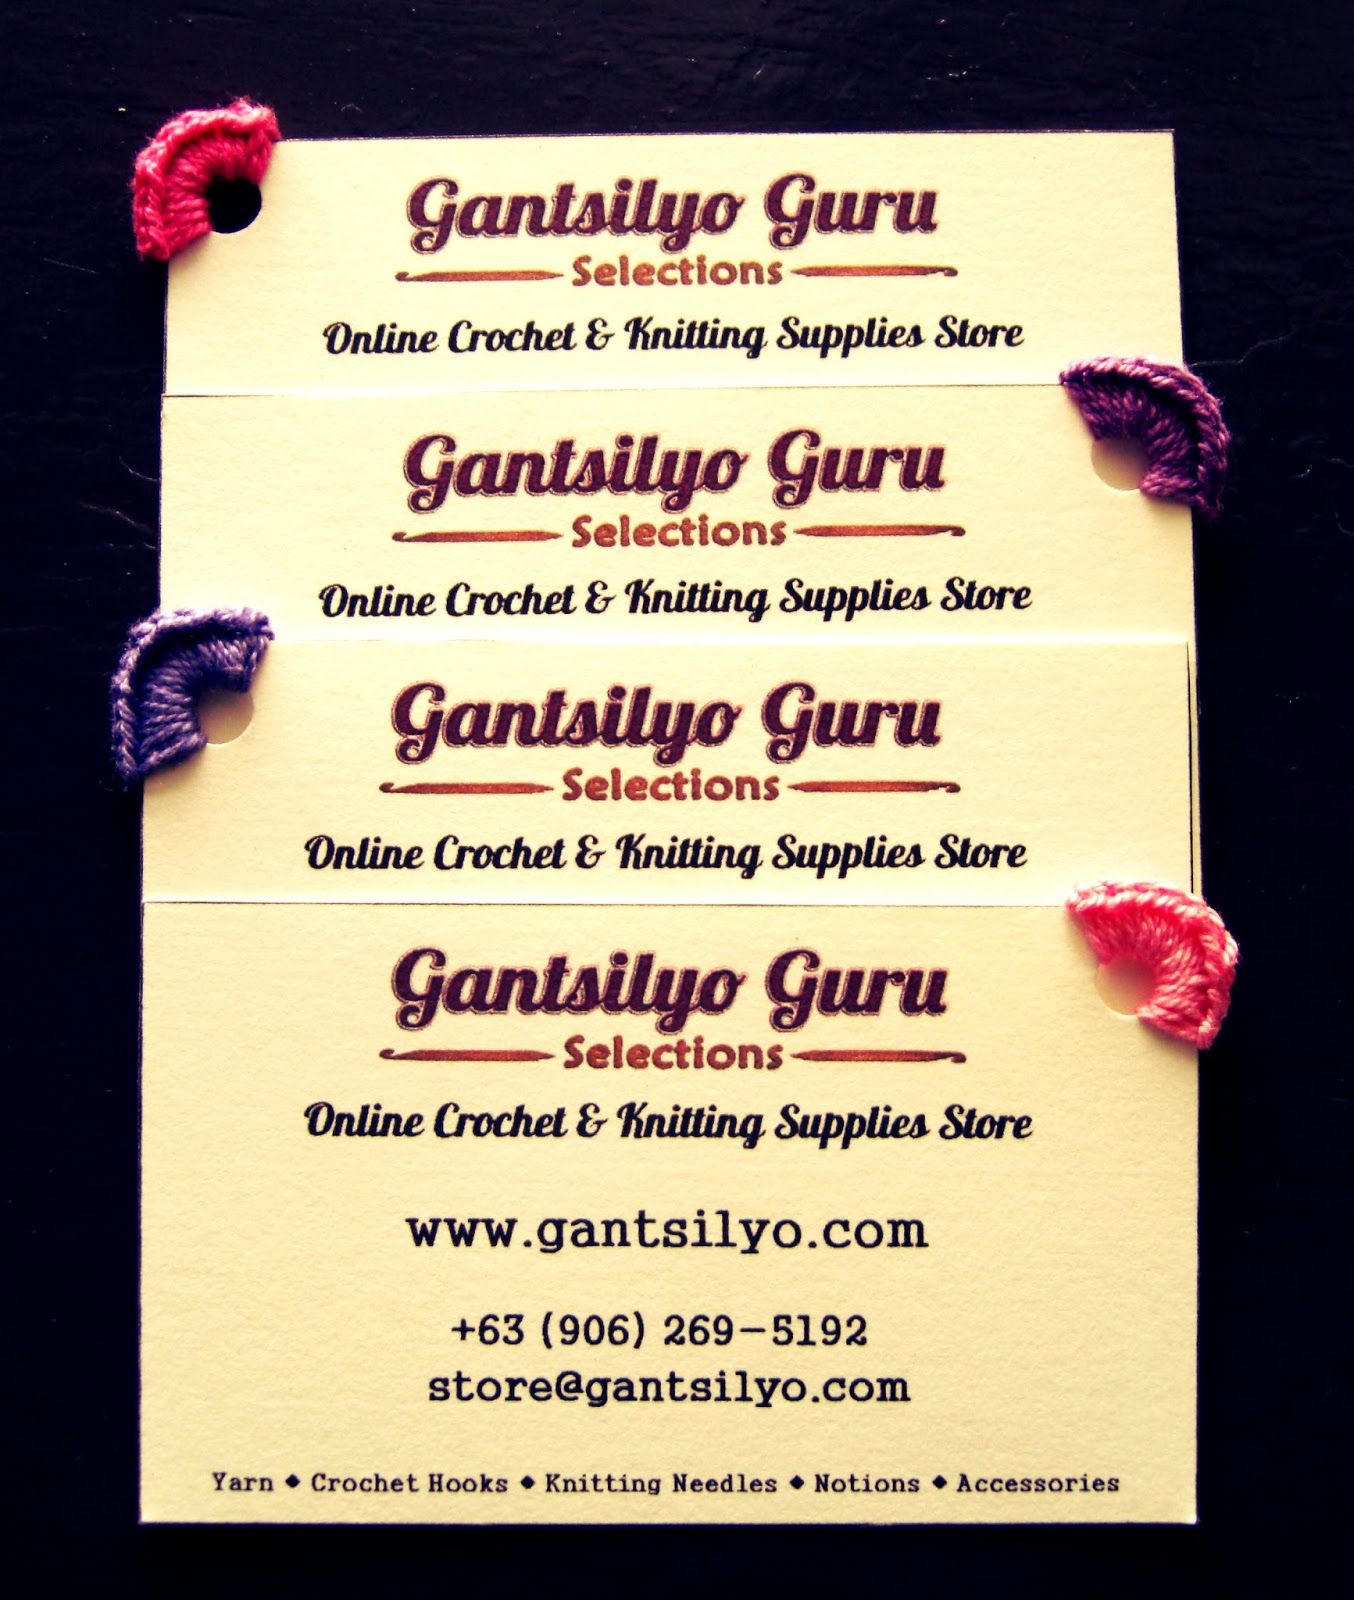 Gantsilyo Guru: September 2013